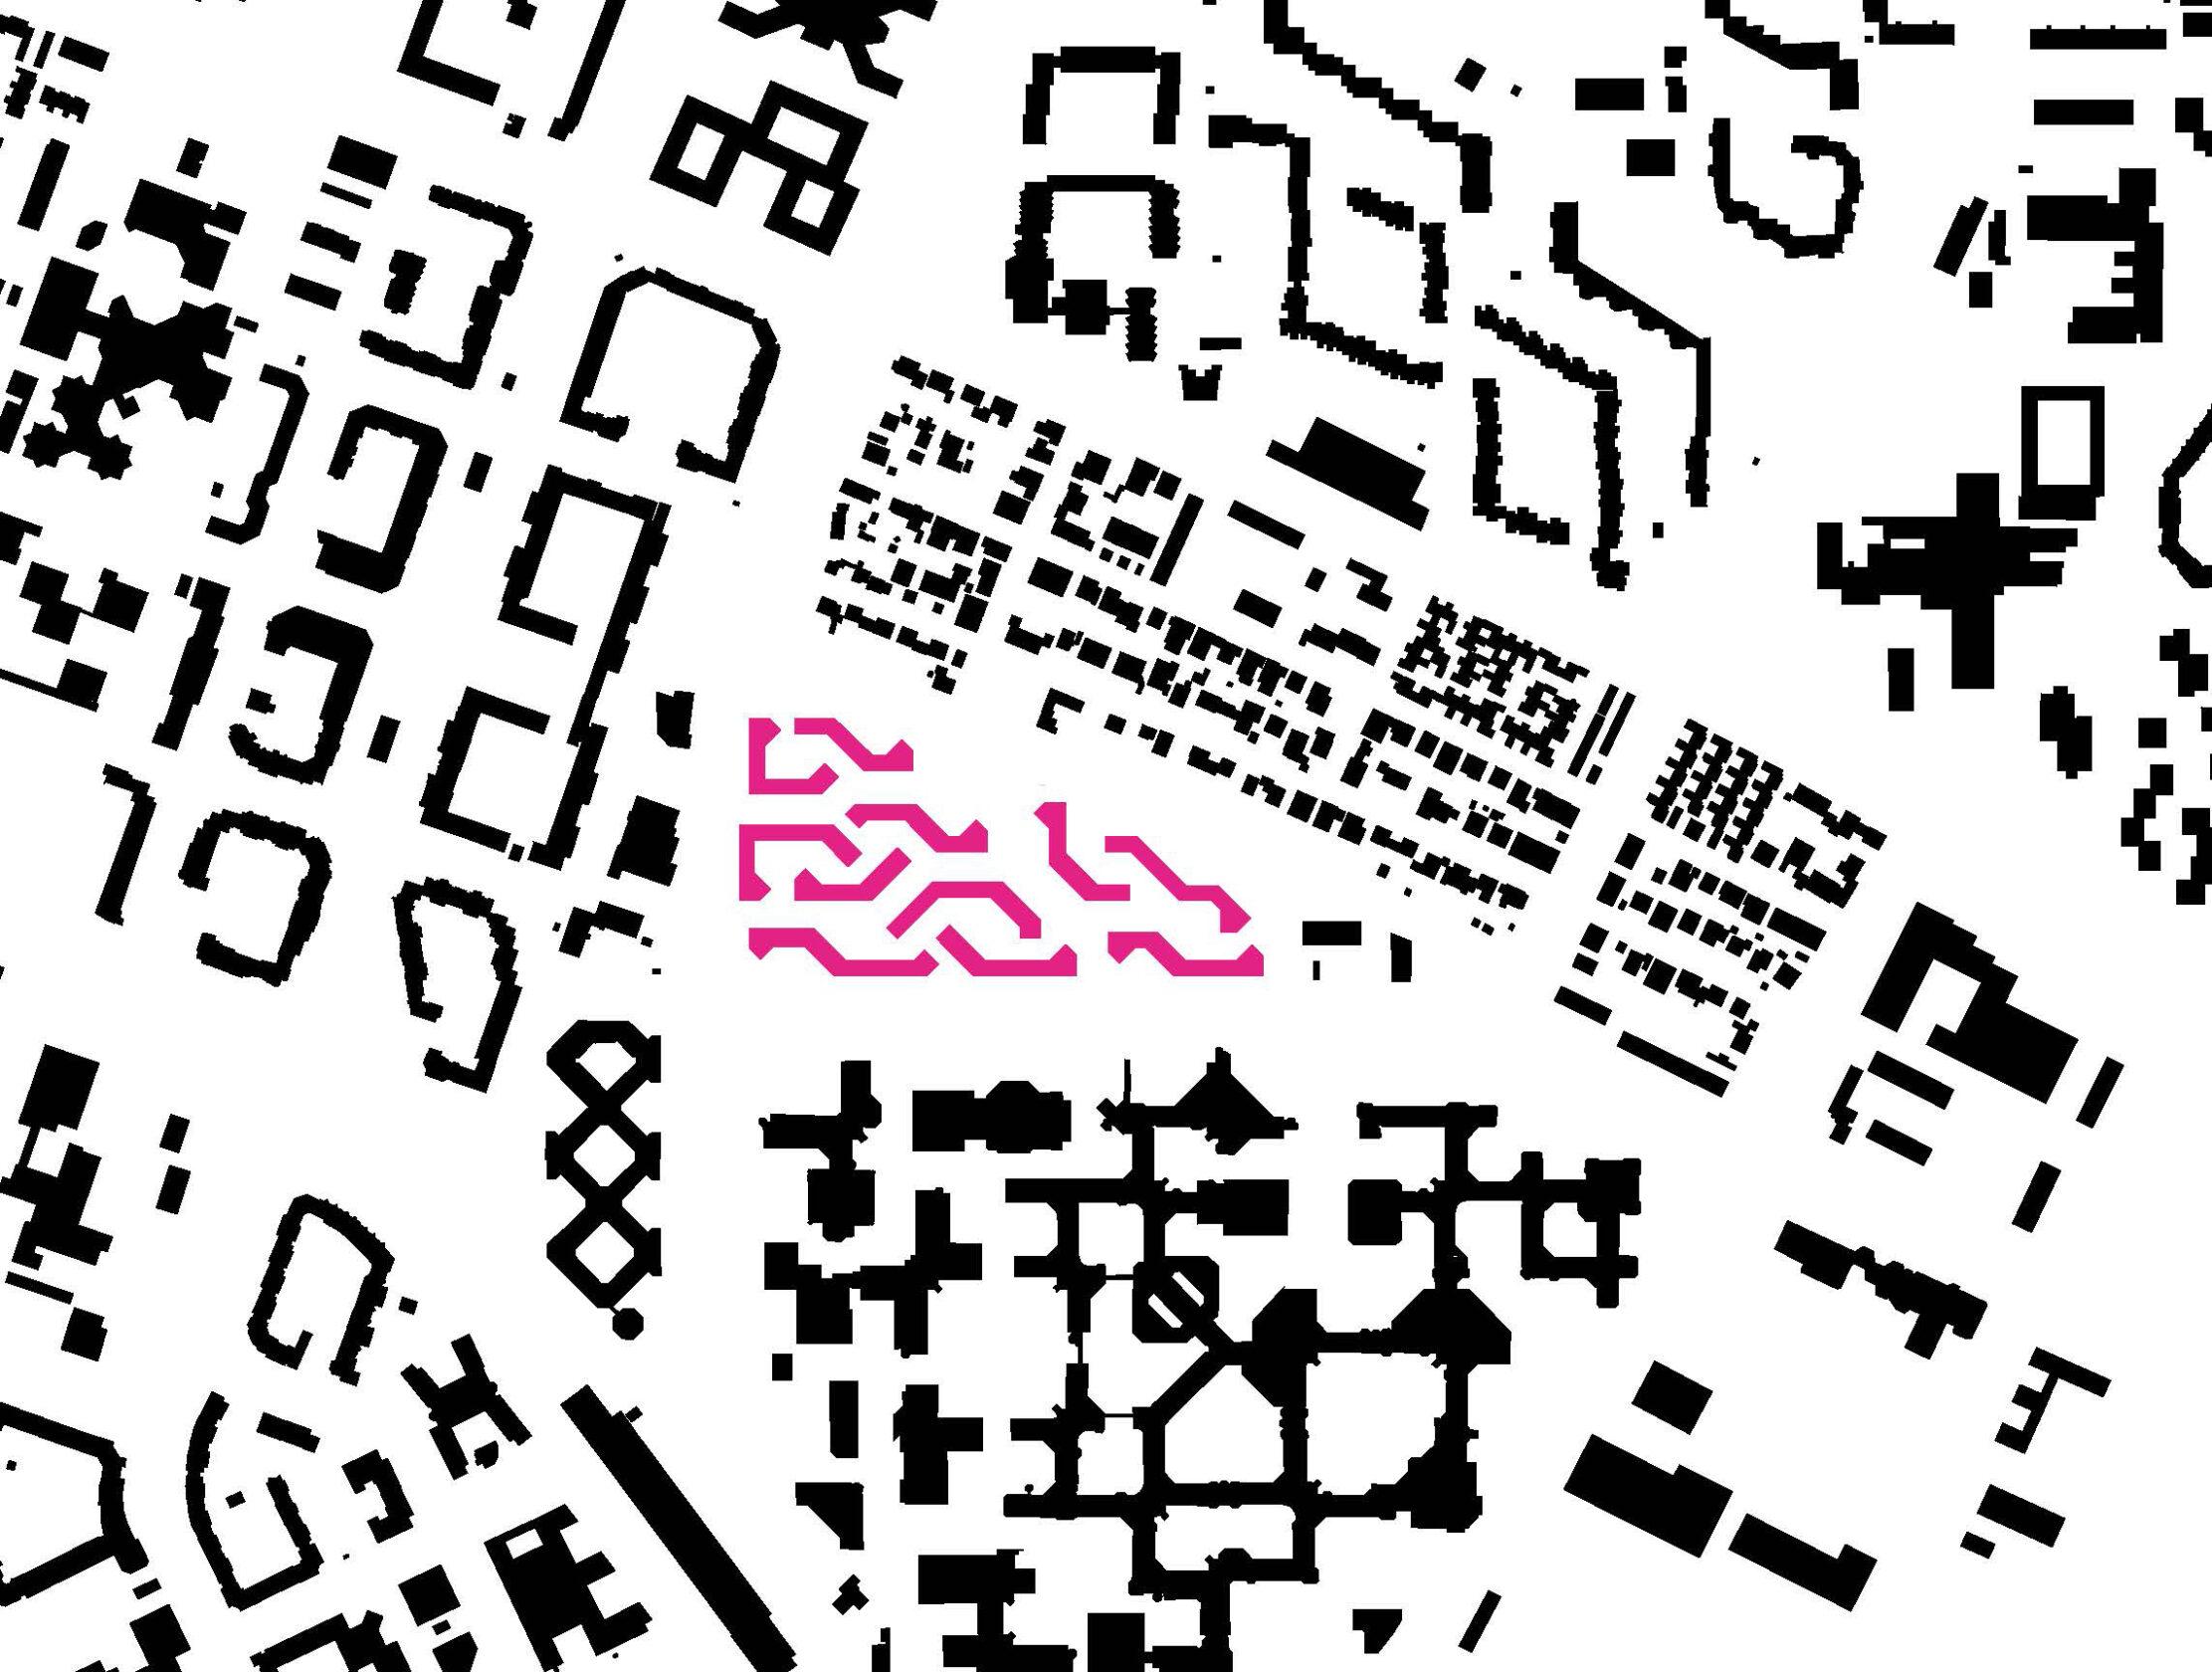 Städtebau Neuperlach dreisterneplus Wohnungsbau